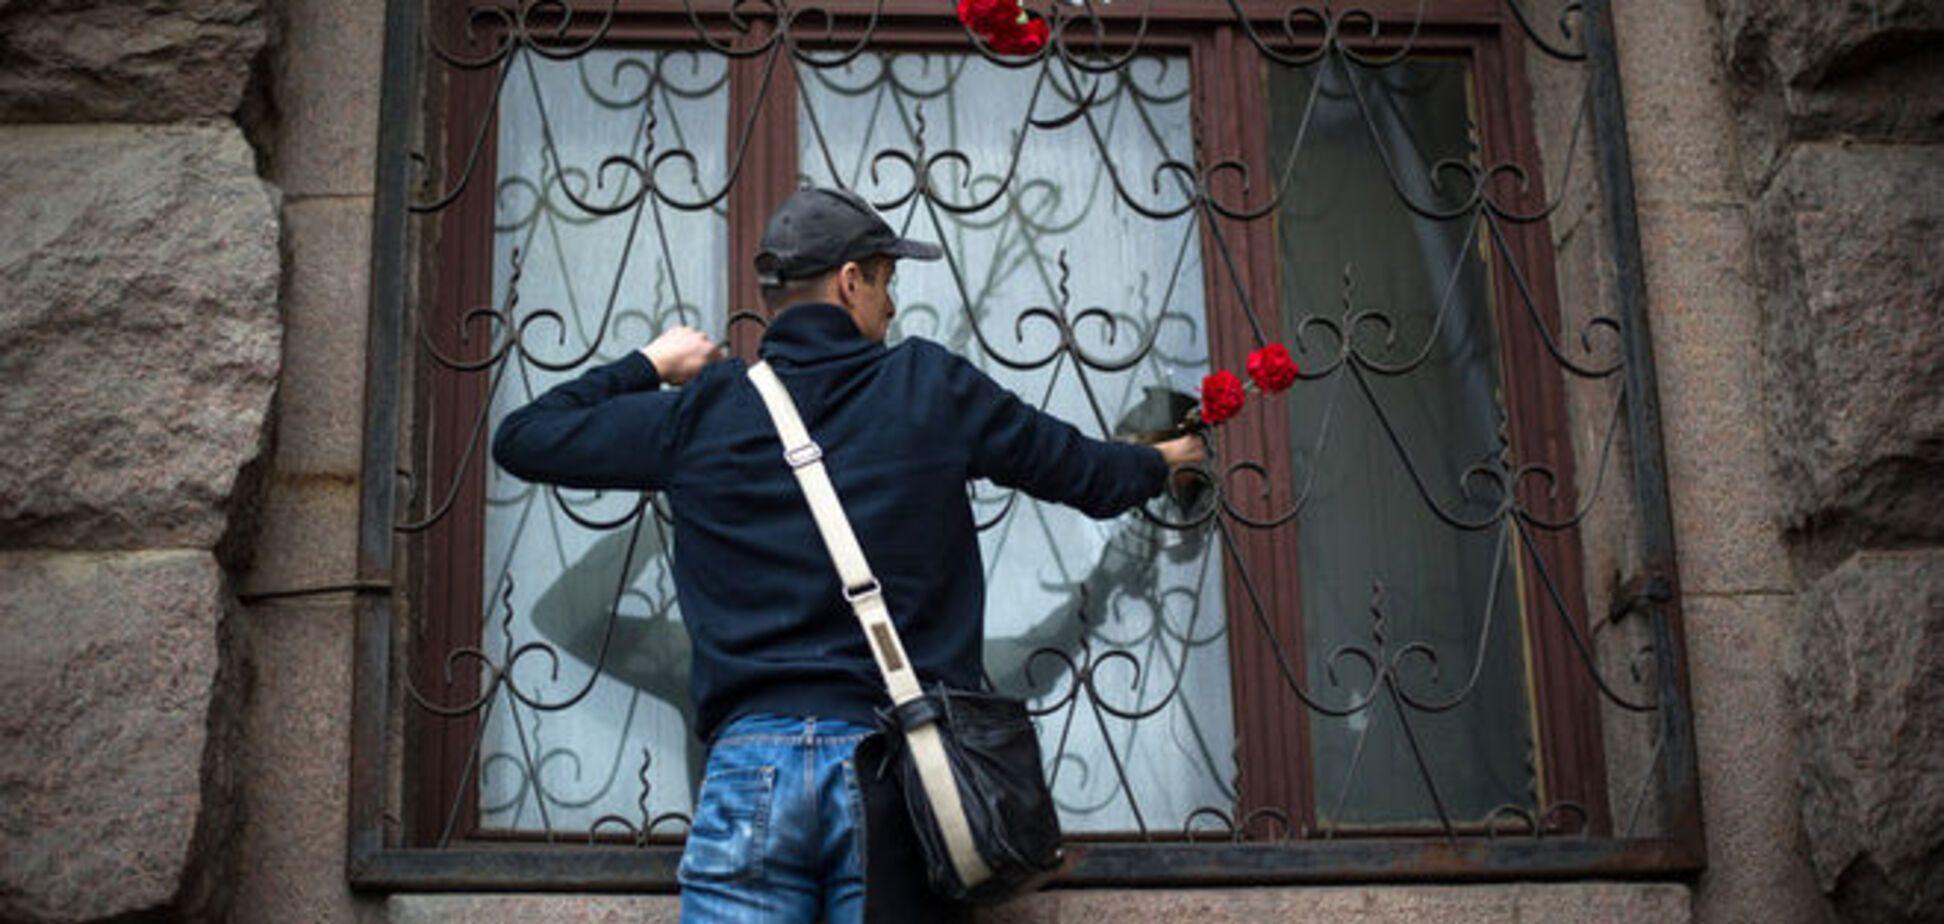 Обвиняемым по делу о беспорядках в Одессе 2 мая продлили арест